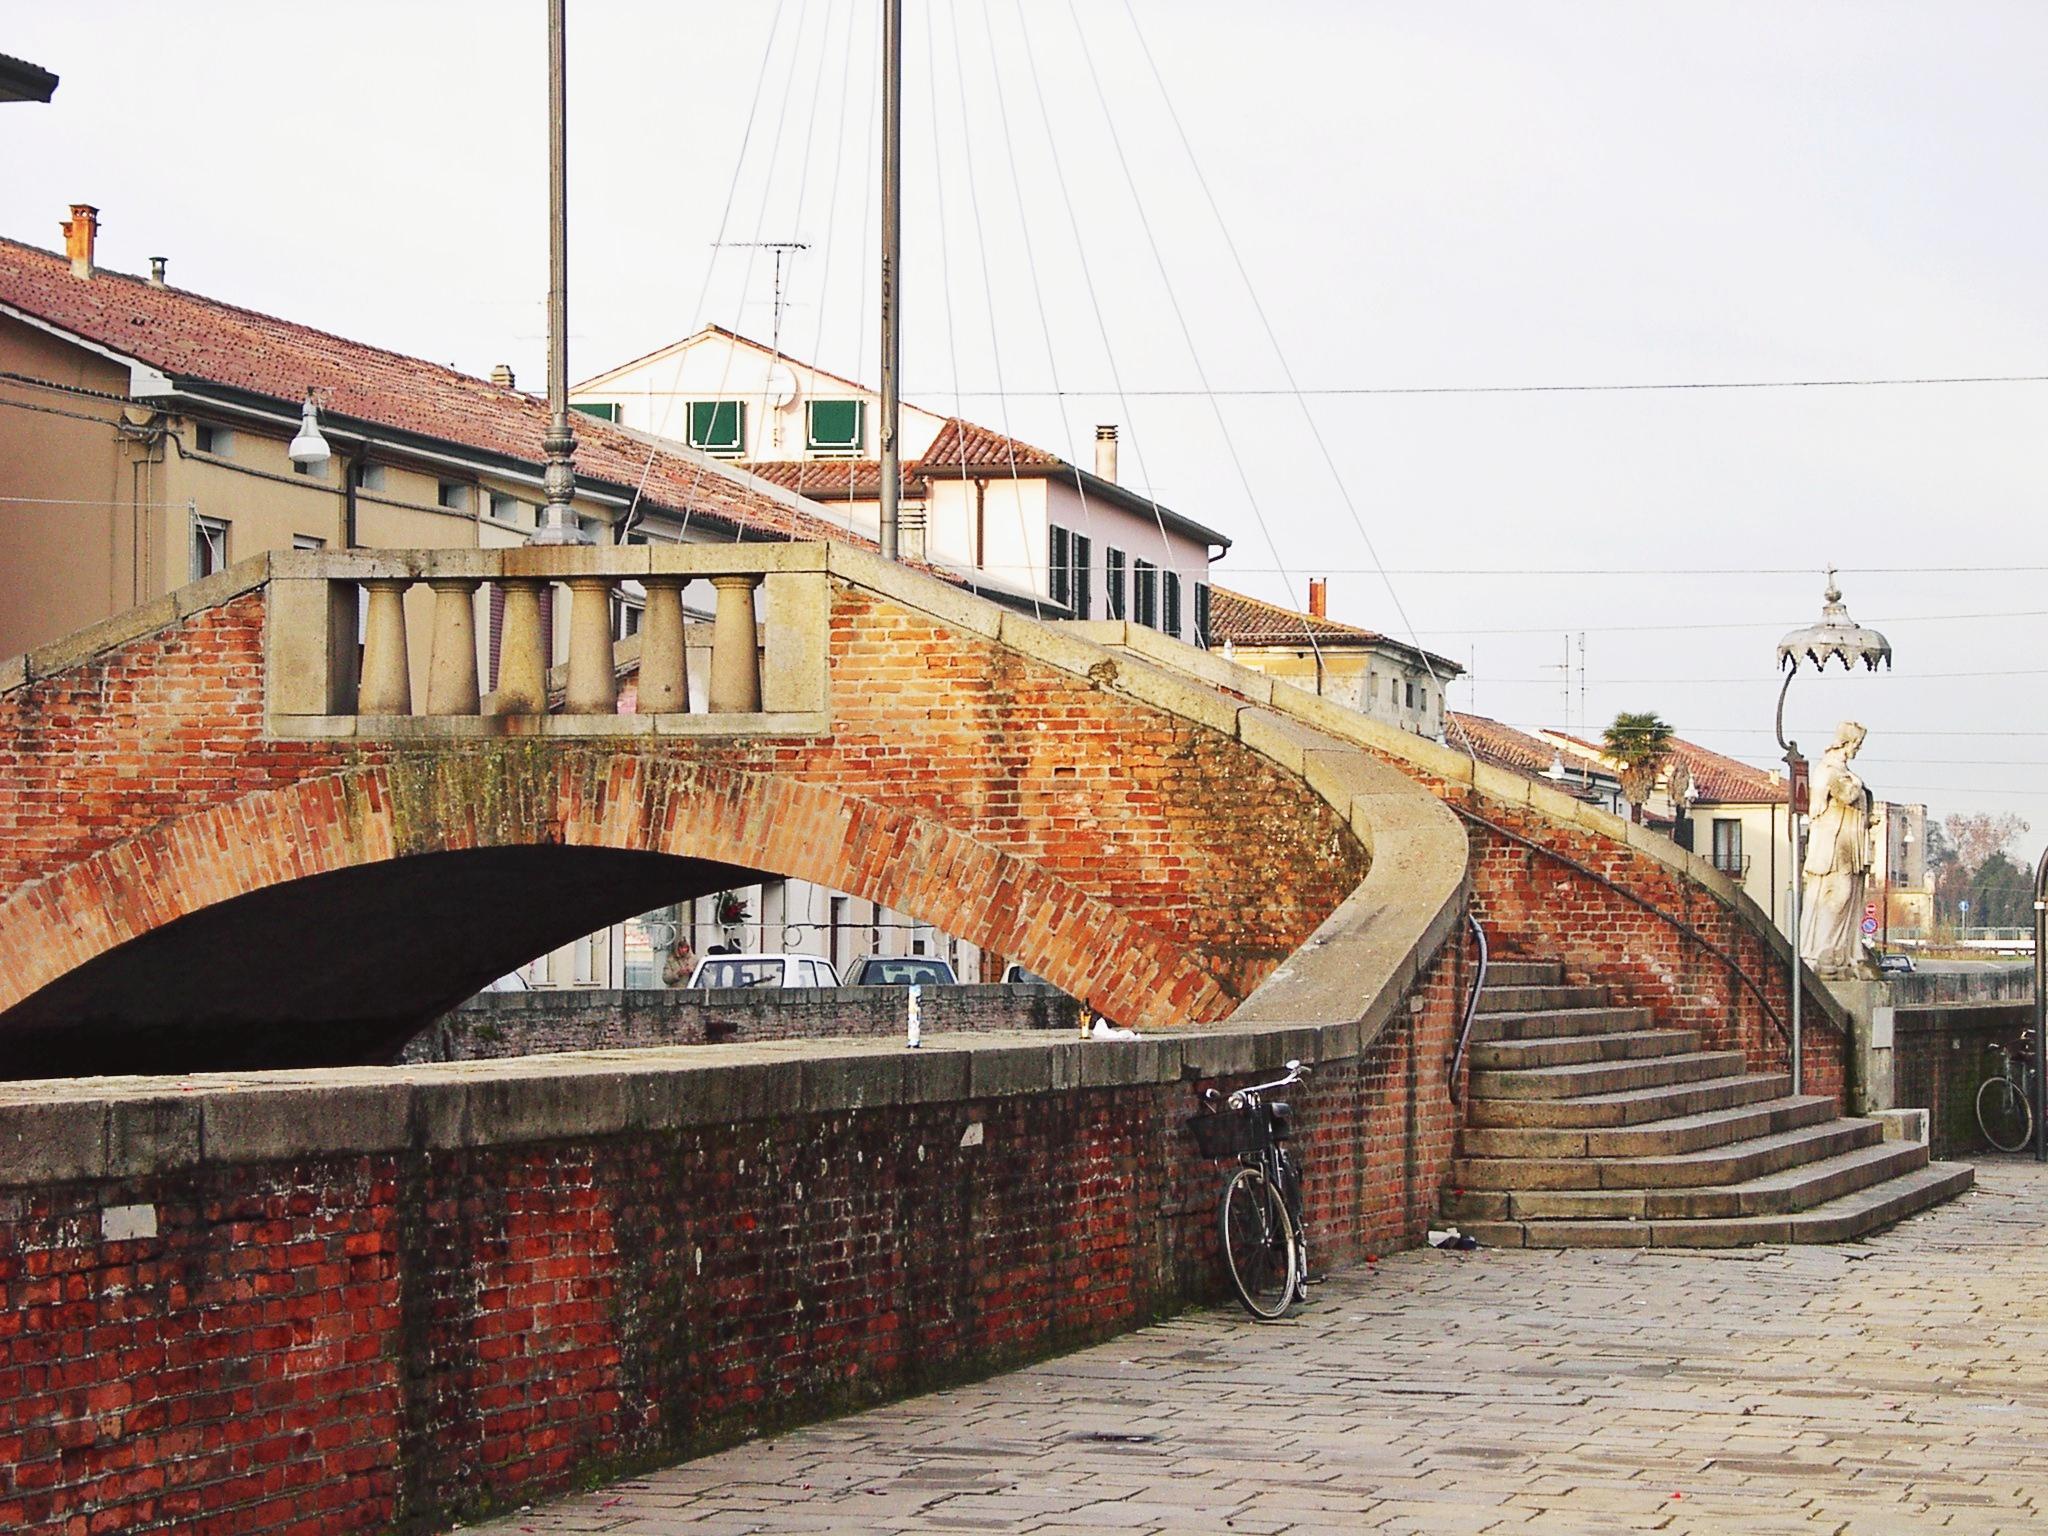 Il Ponte dei scaini con a fianco la statua di S. Giovanni Nepomuceno (2006).